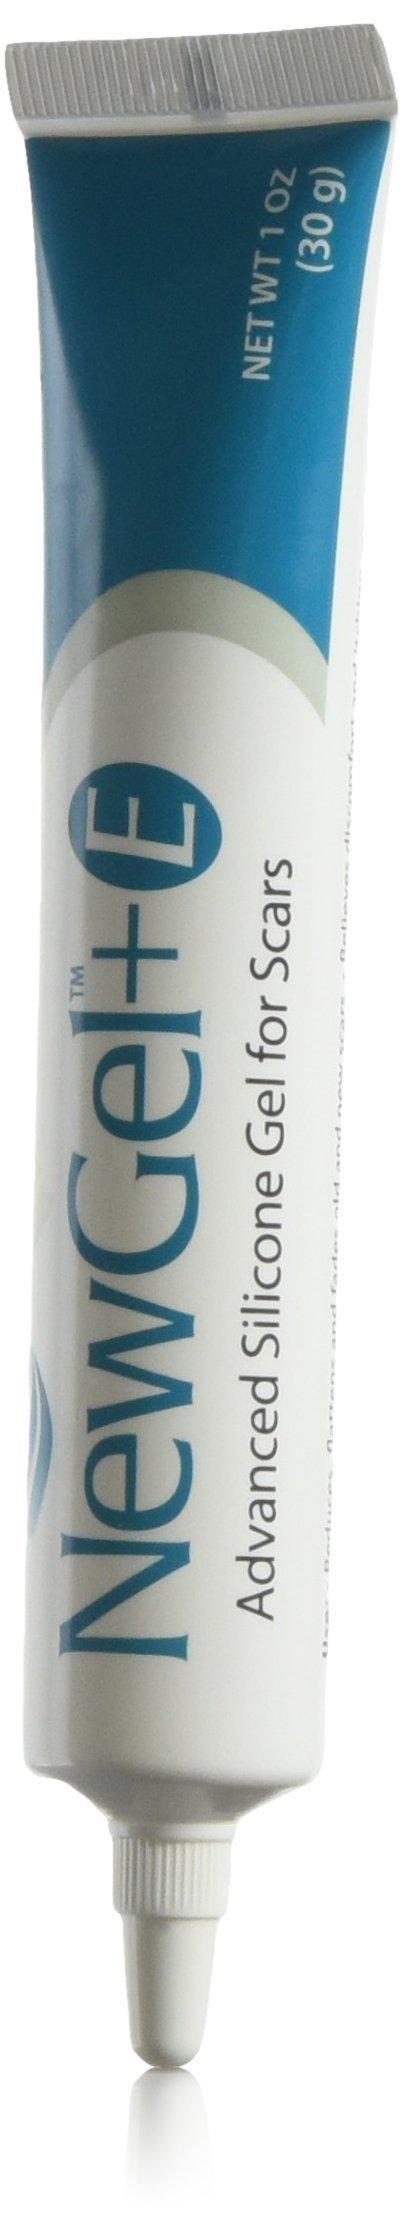 NewGel+ Advanced Silicone Gel for Scars, 1 Ounce by NewGel+